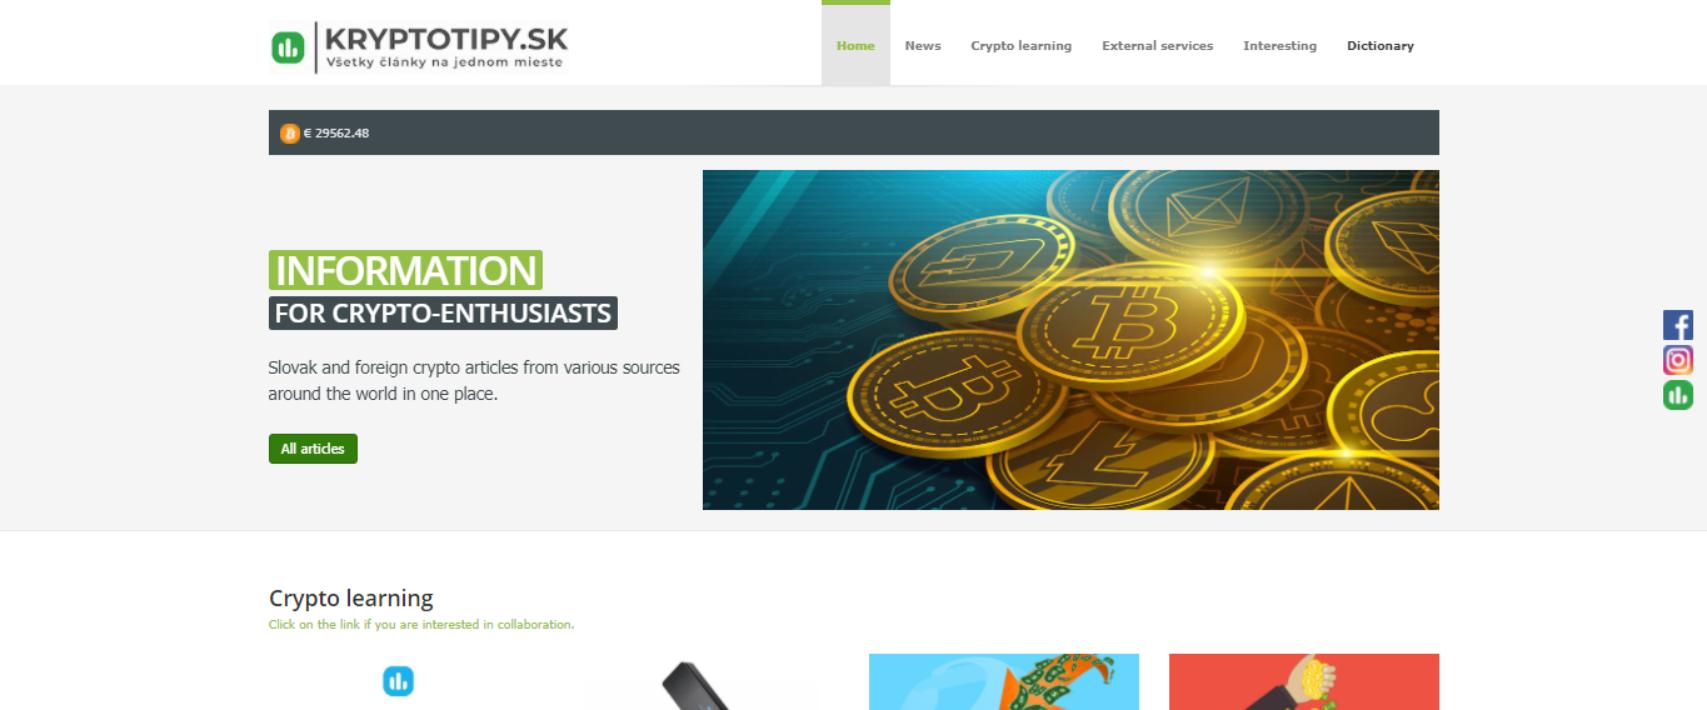 kryptotipy.sk